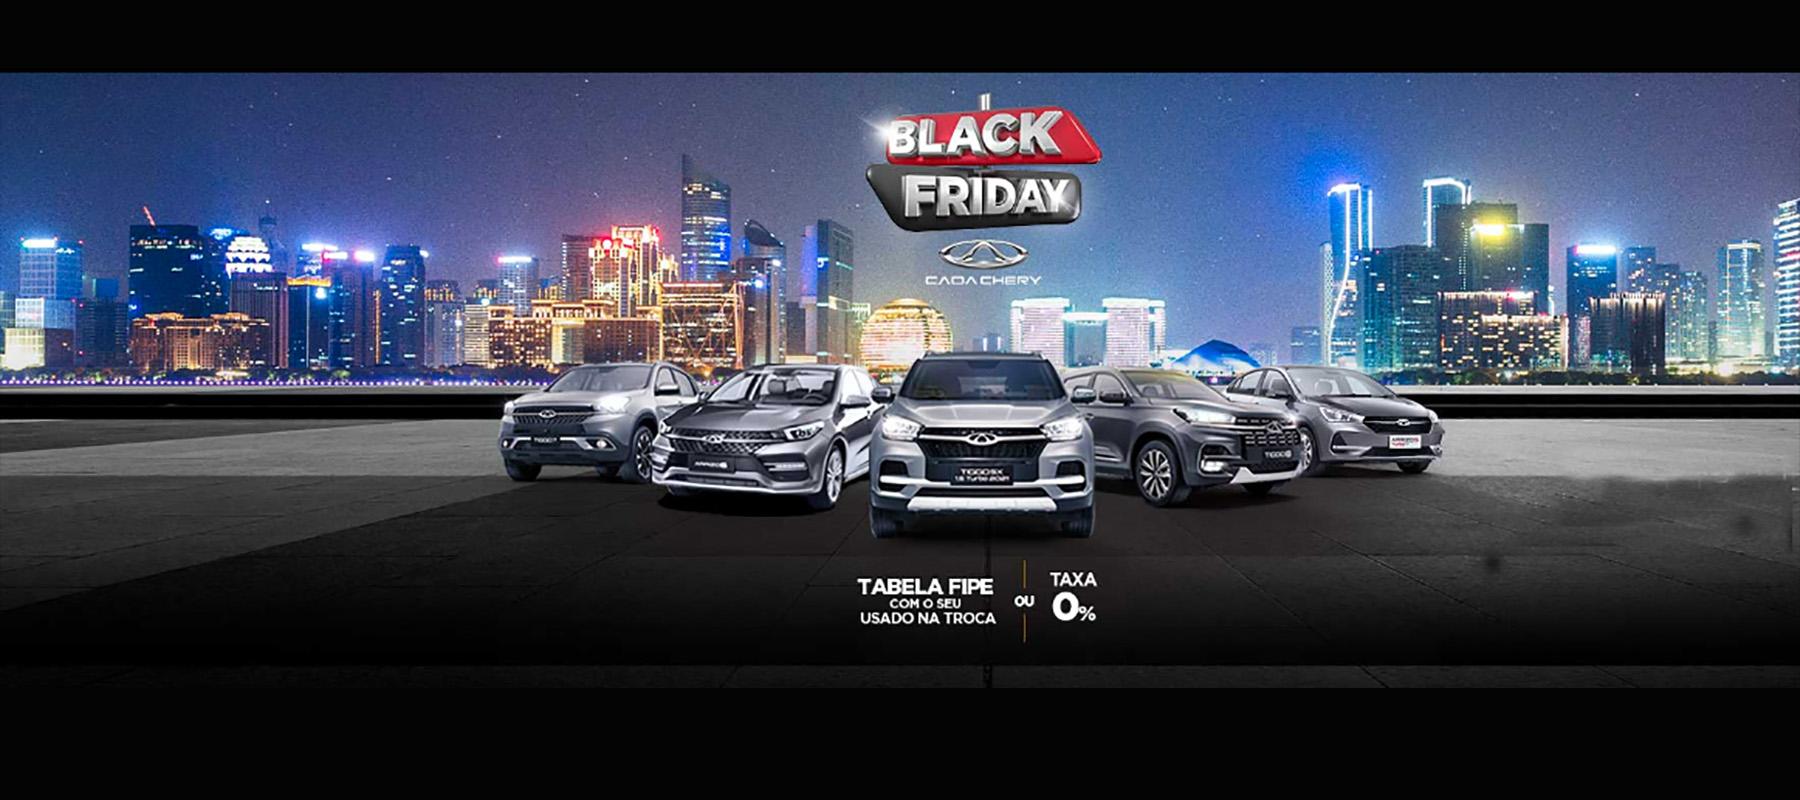 Black Friday Carros Sedan e SUV Caoa Chery